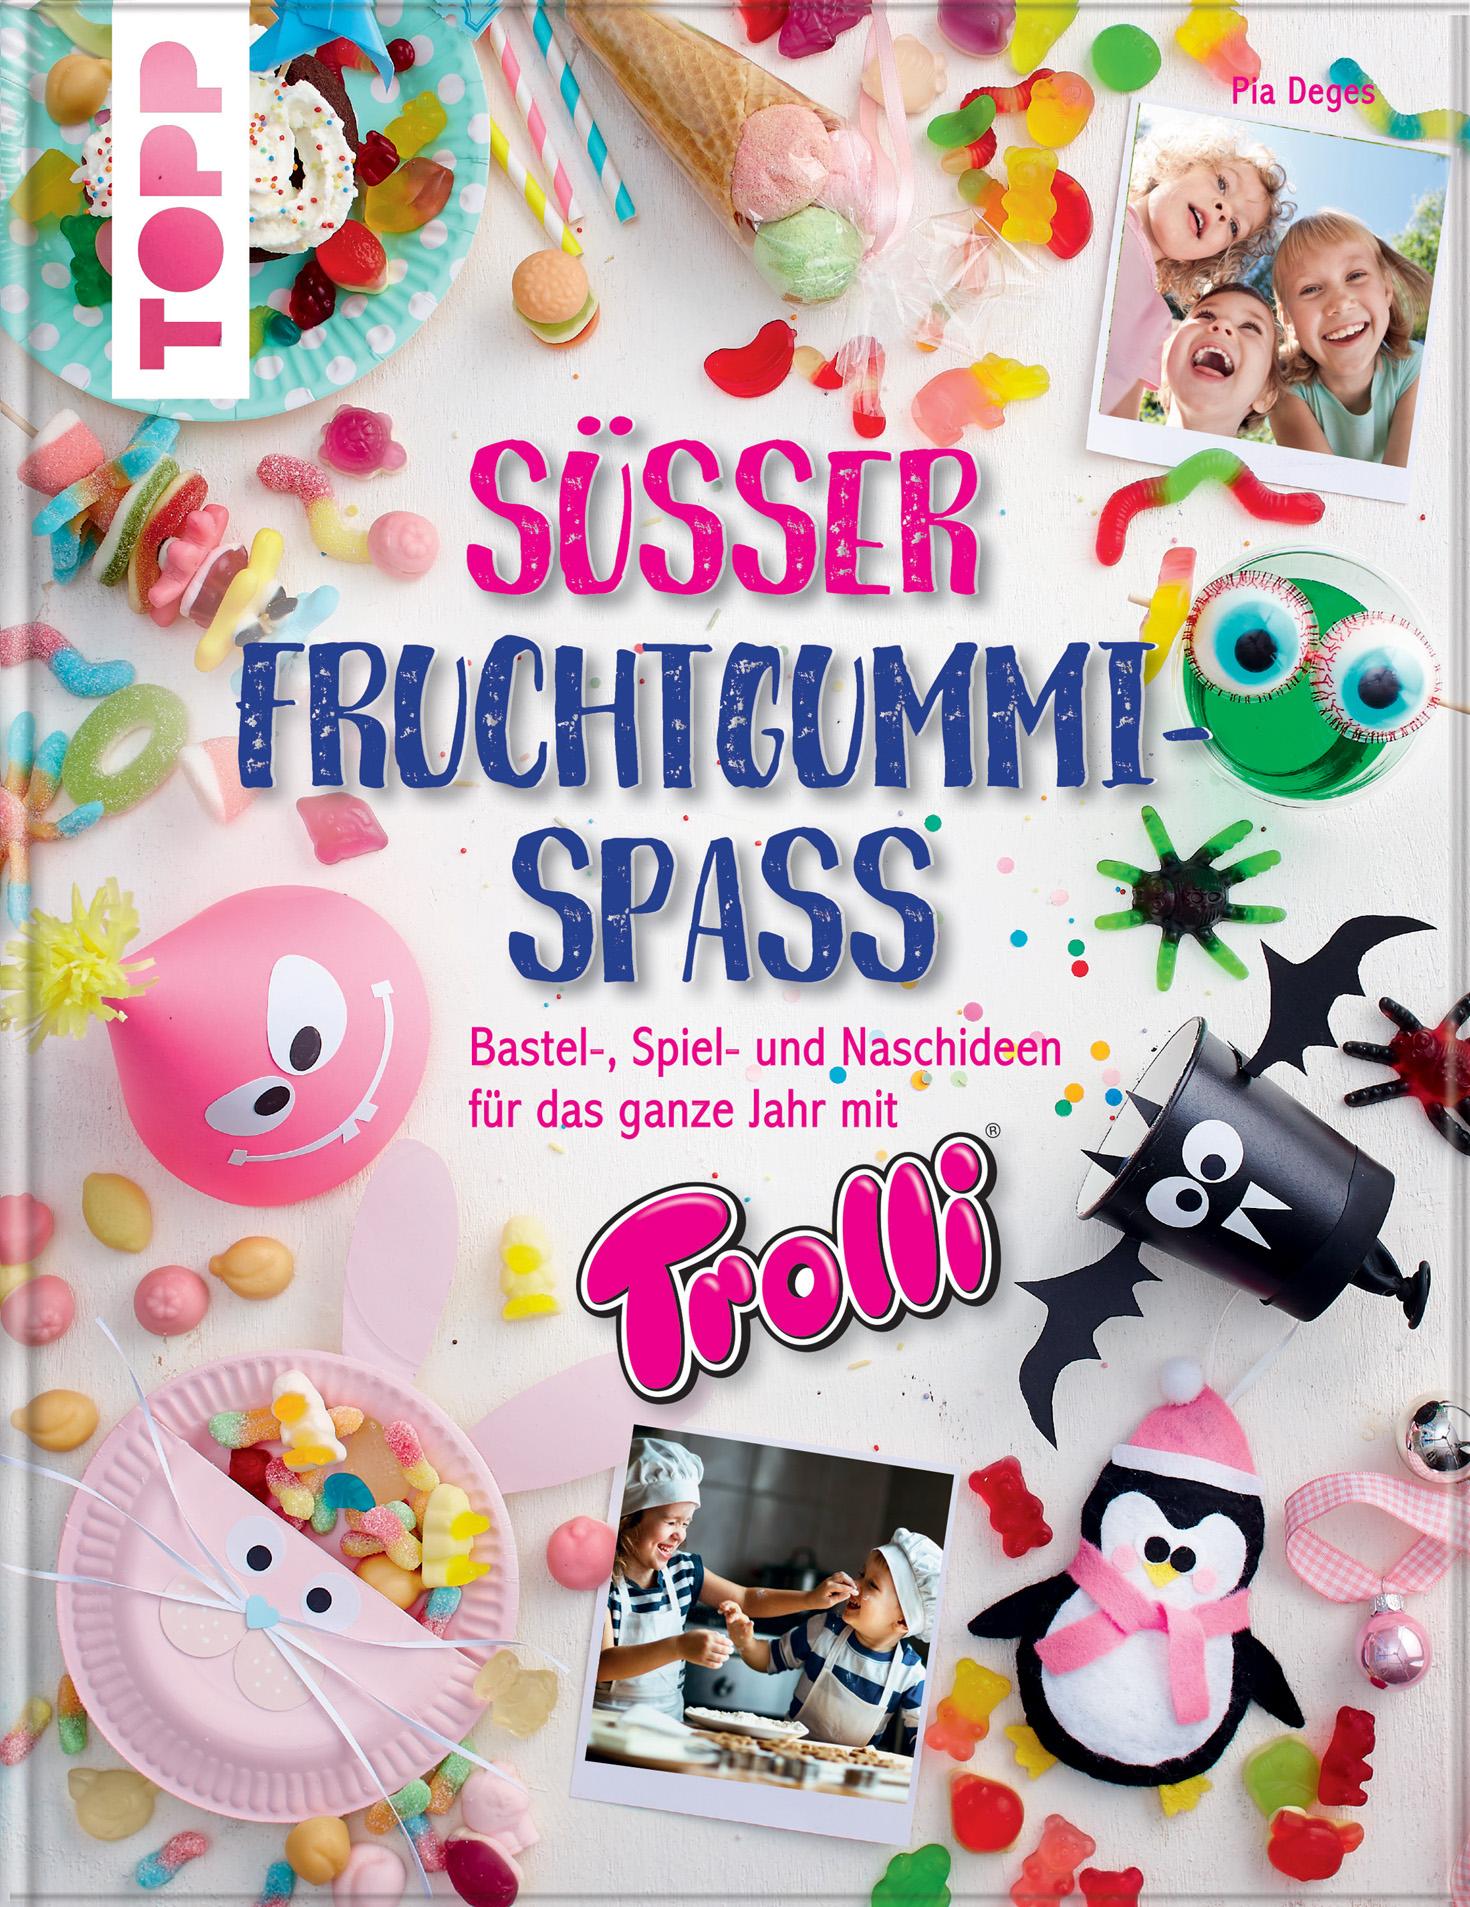 frechverlag Buchcover Süsser Fruchtgummi-Spass Schultütentorte